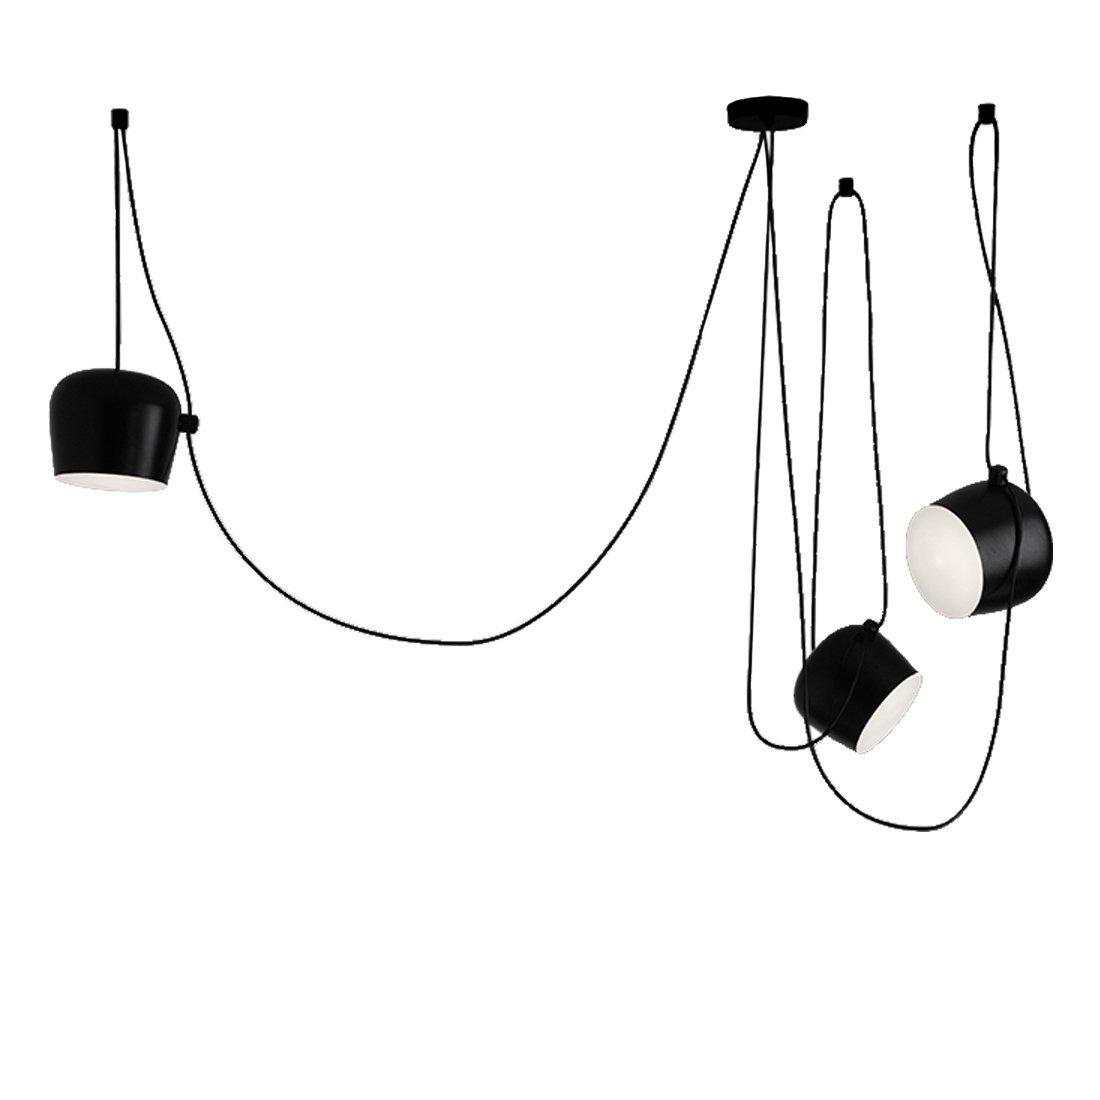 FLOS Aim Hanglamp Set van 3 - Zwart